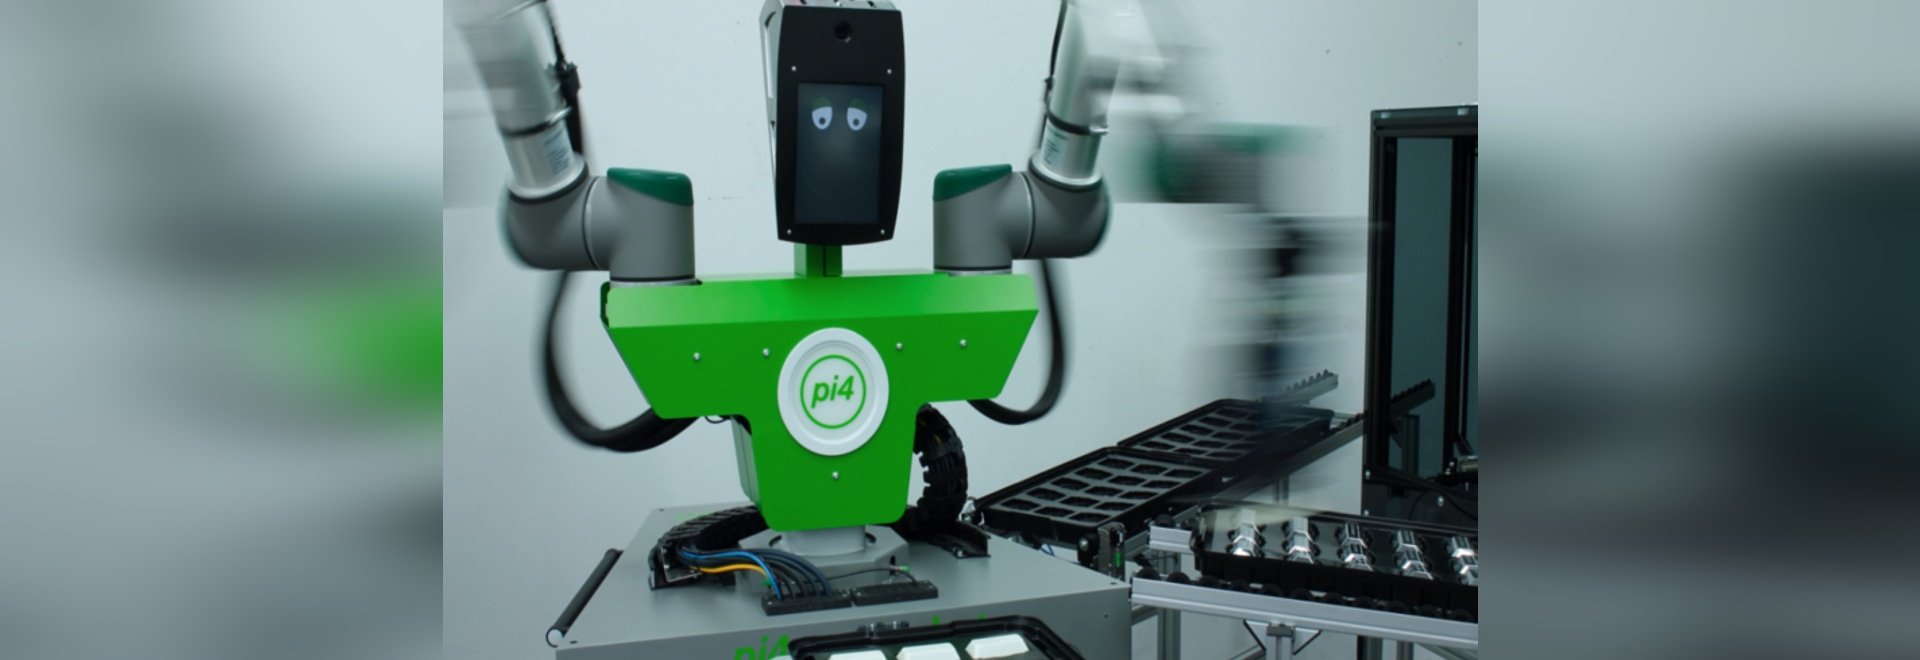 Pi4 et la première agence de l'emploi pour des robots